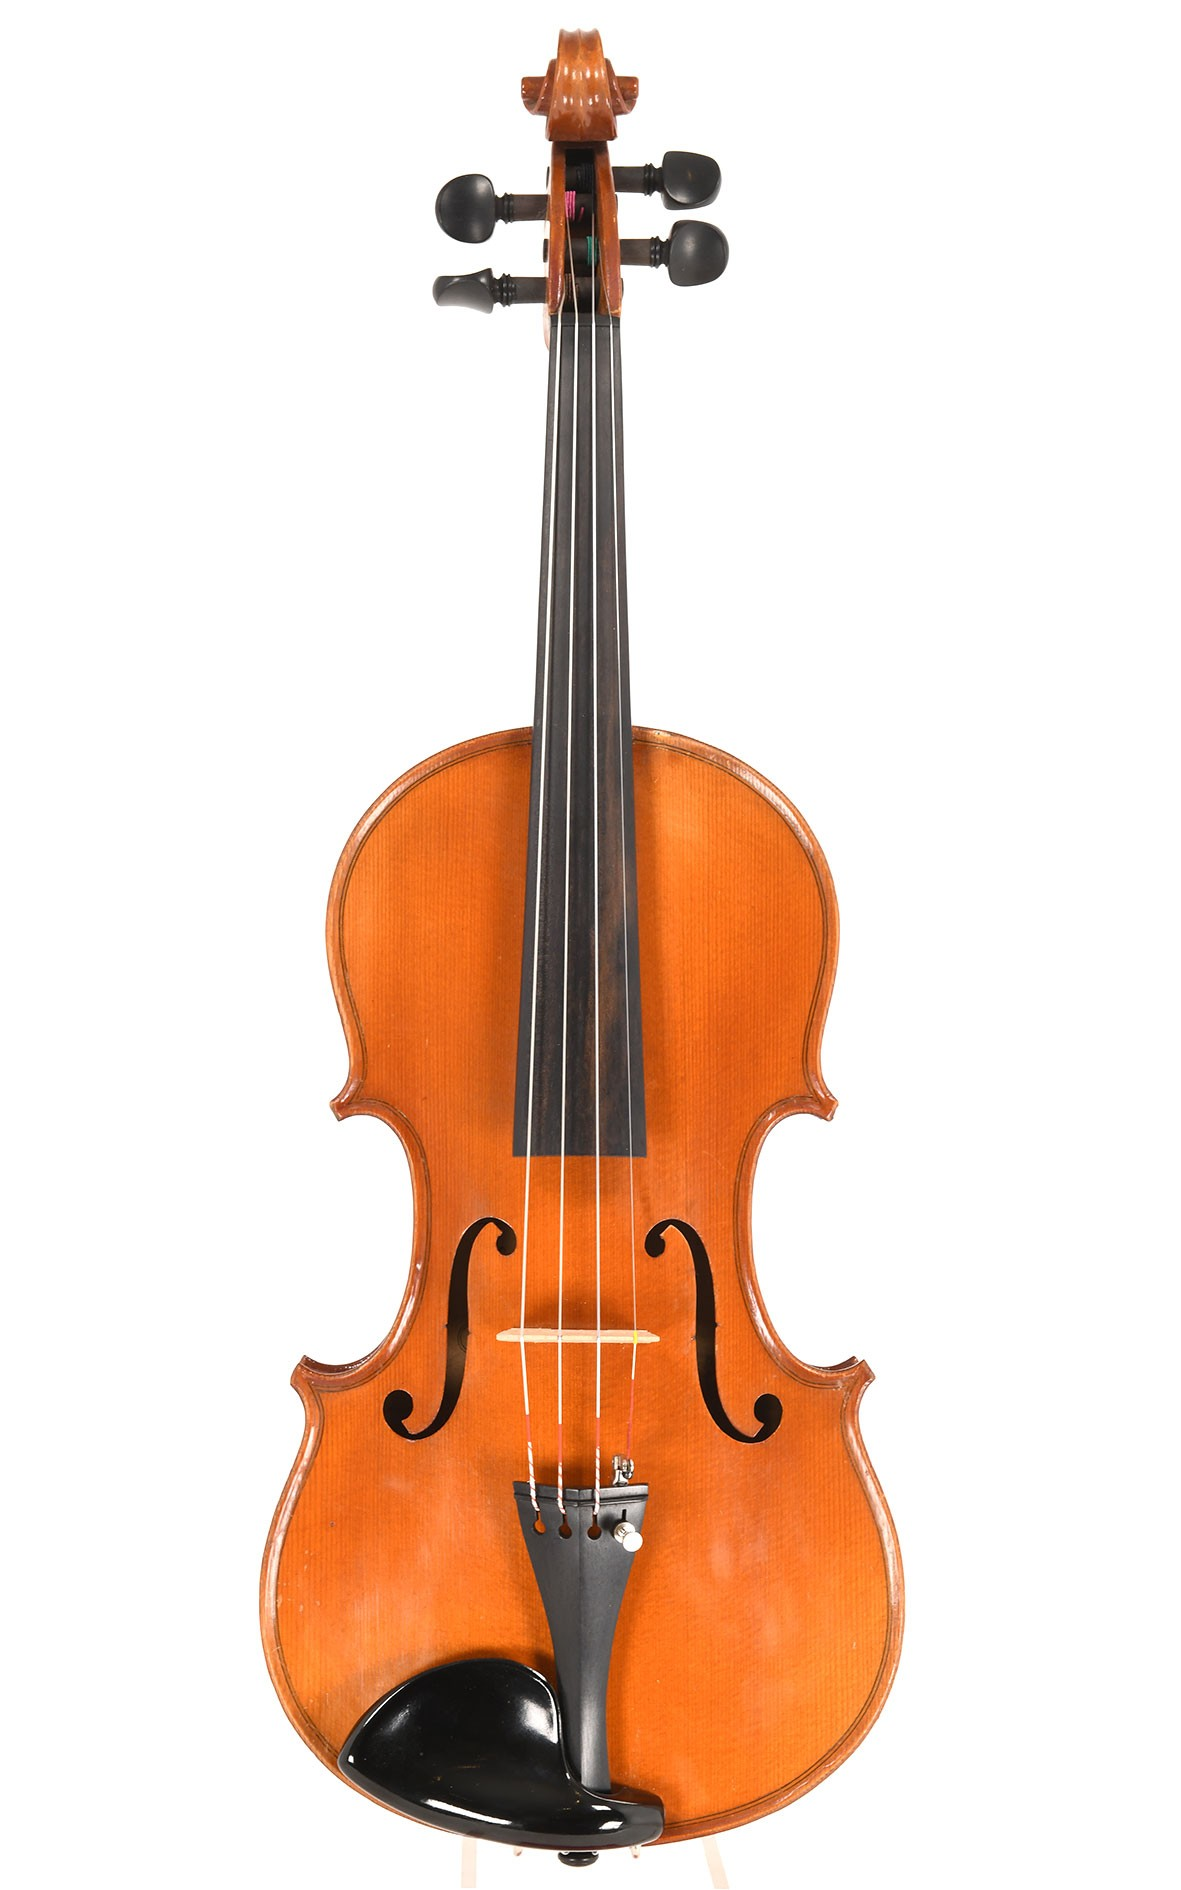 Violon français de Laberte, Mirecourt - modèle Stradivari construit vers 1910